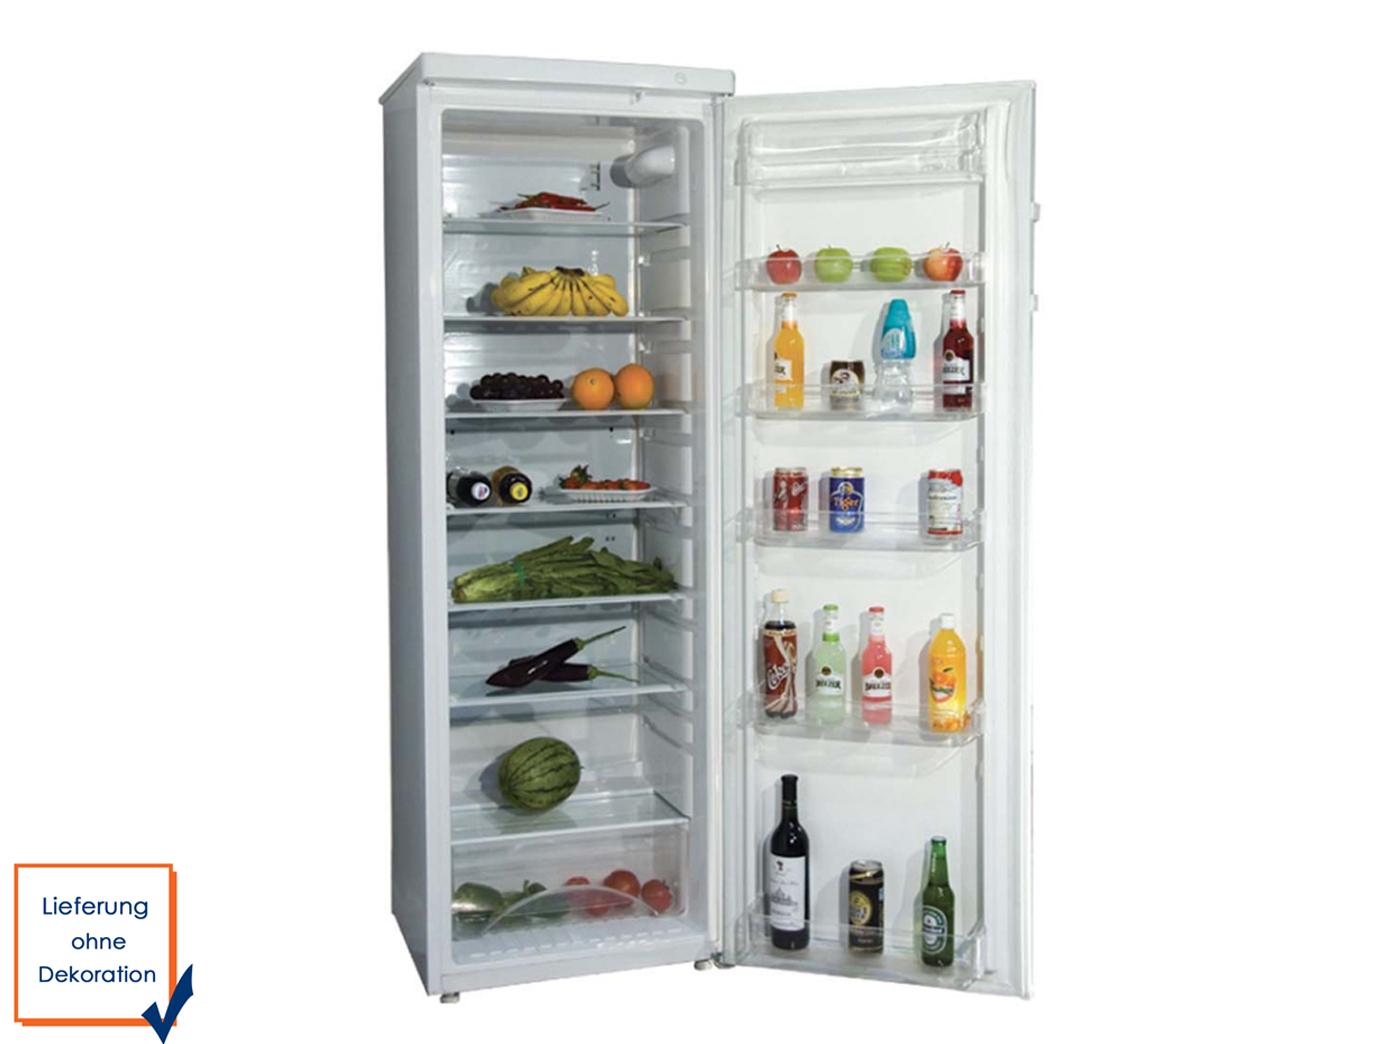 Aeg Kühlschrank Rfb52412ax : Kühlschrank freistehend ohne gefrierfach kühlschrank kaufberater